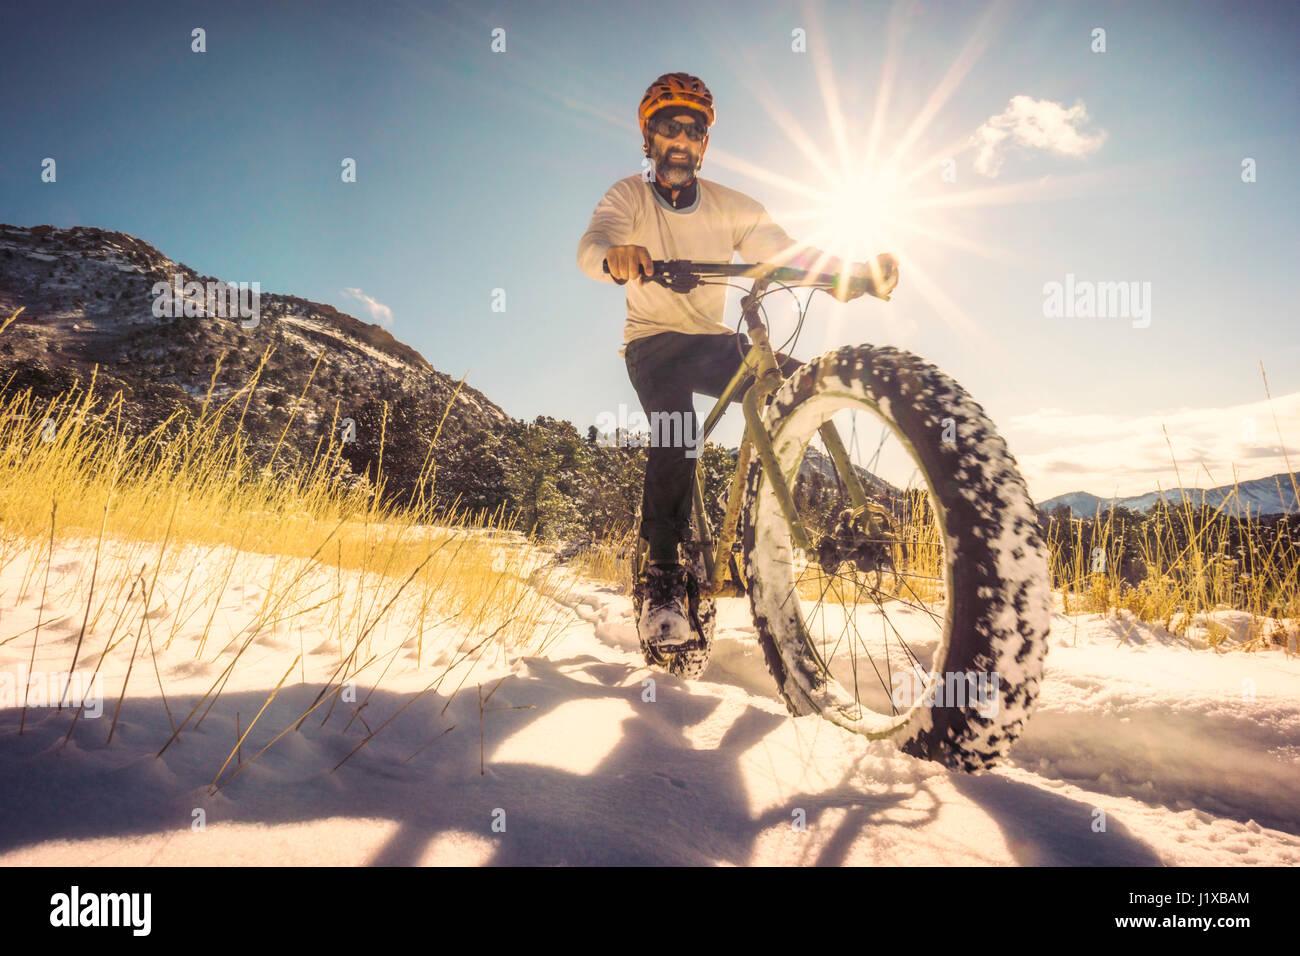 Selbstportrait (Whit Richardson) Reiten eine Fatbike im Bereich Pferd Gulch, Durango, CO. Stockbild